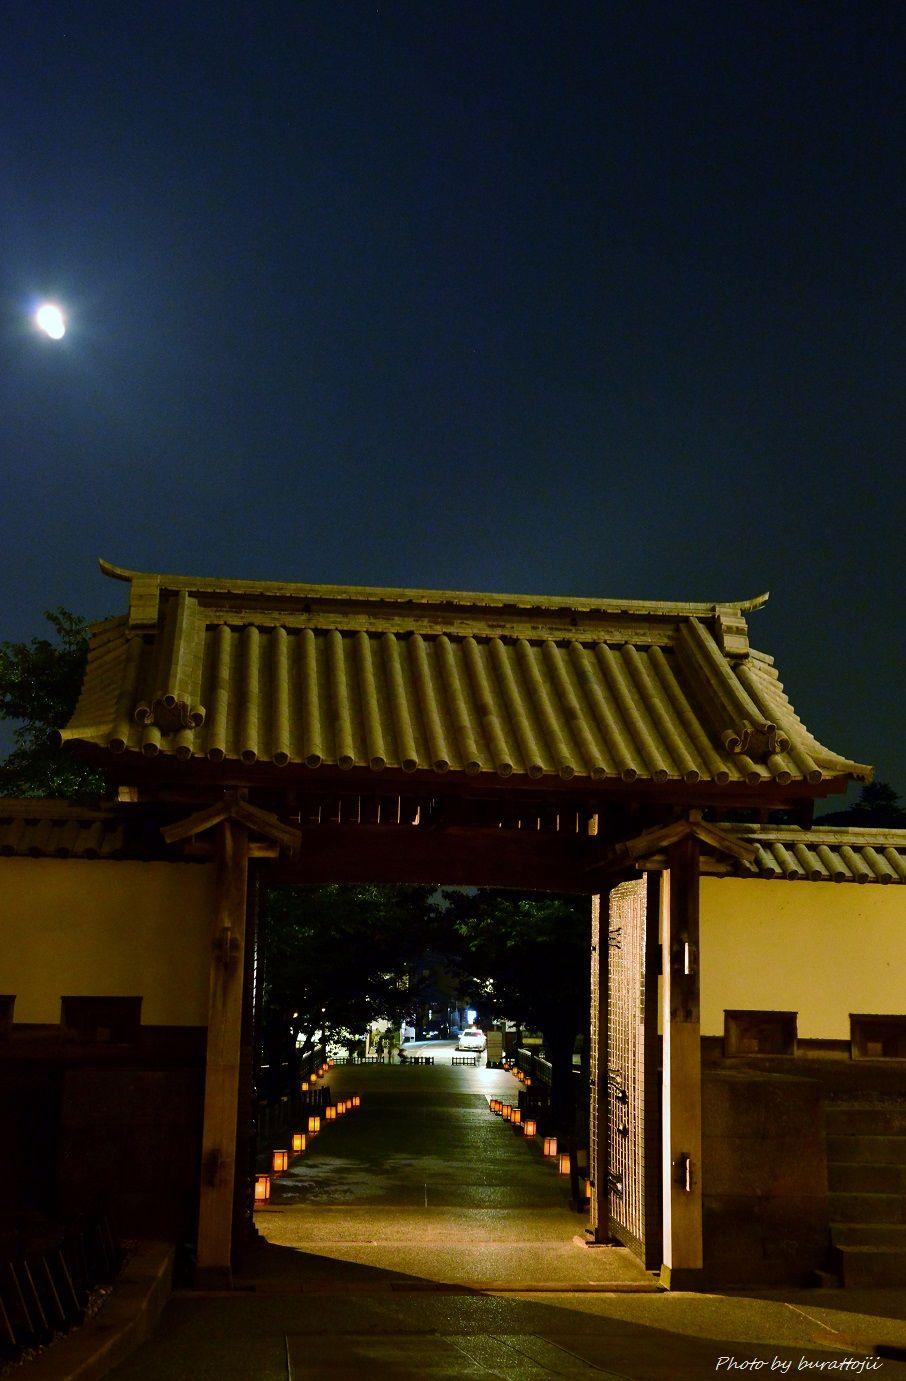 2014.09.08中秋の名月鑑賞の夕べ2